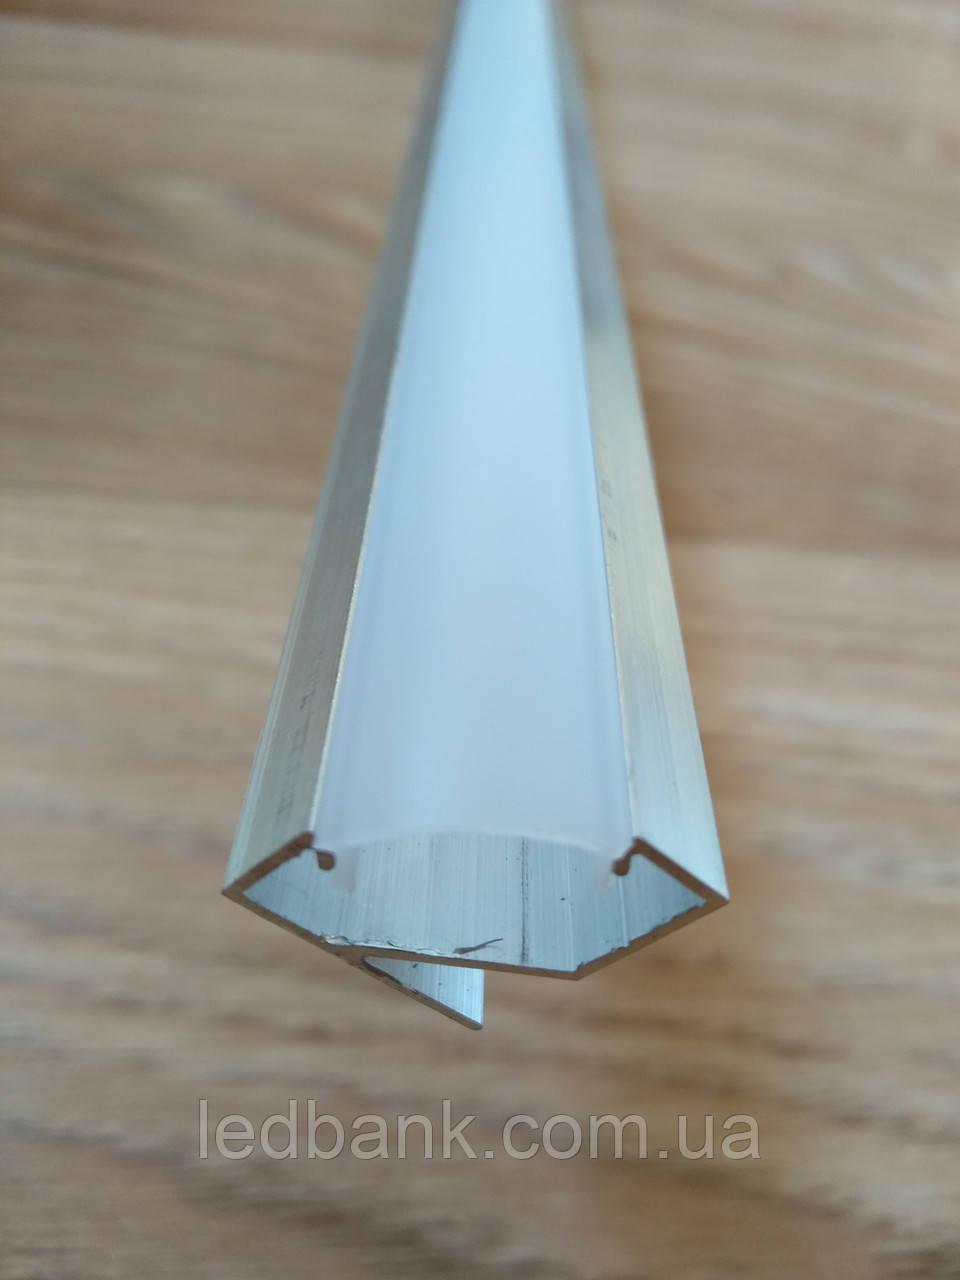 Профиль для светодиодной ленты ЛПУ17 угловой не анодированный + рассеиватель Поликарбонат